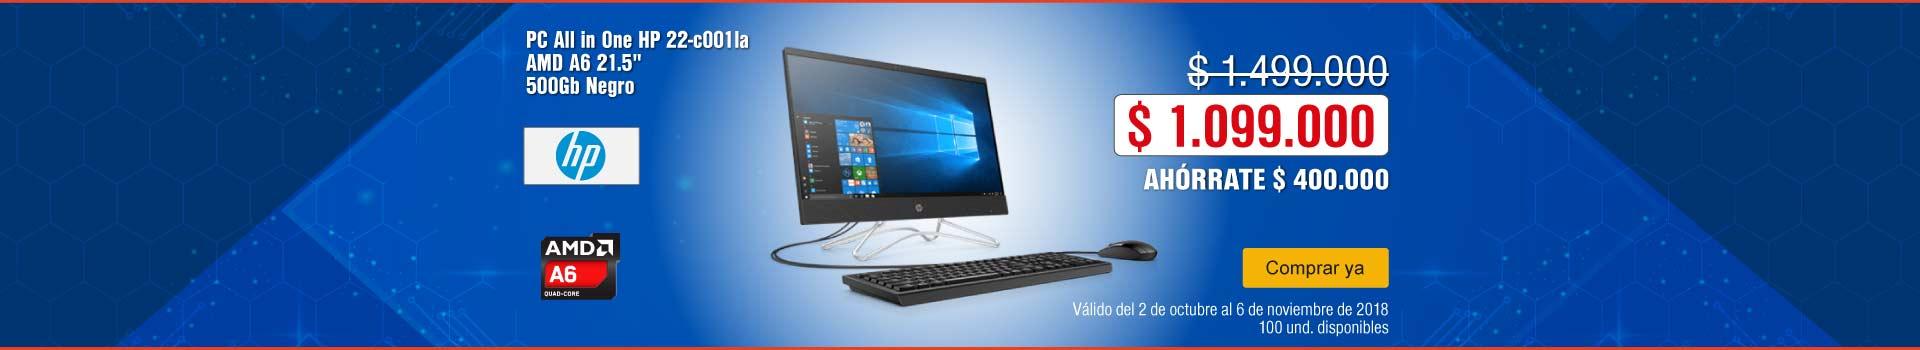 AK-BCAT-1-computadores y tablets-escritorio-PP---Hp-AIO 22-c001la-Oct17